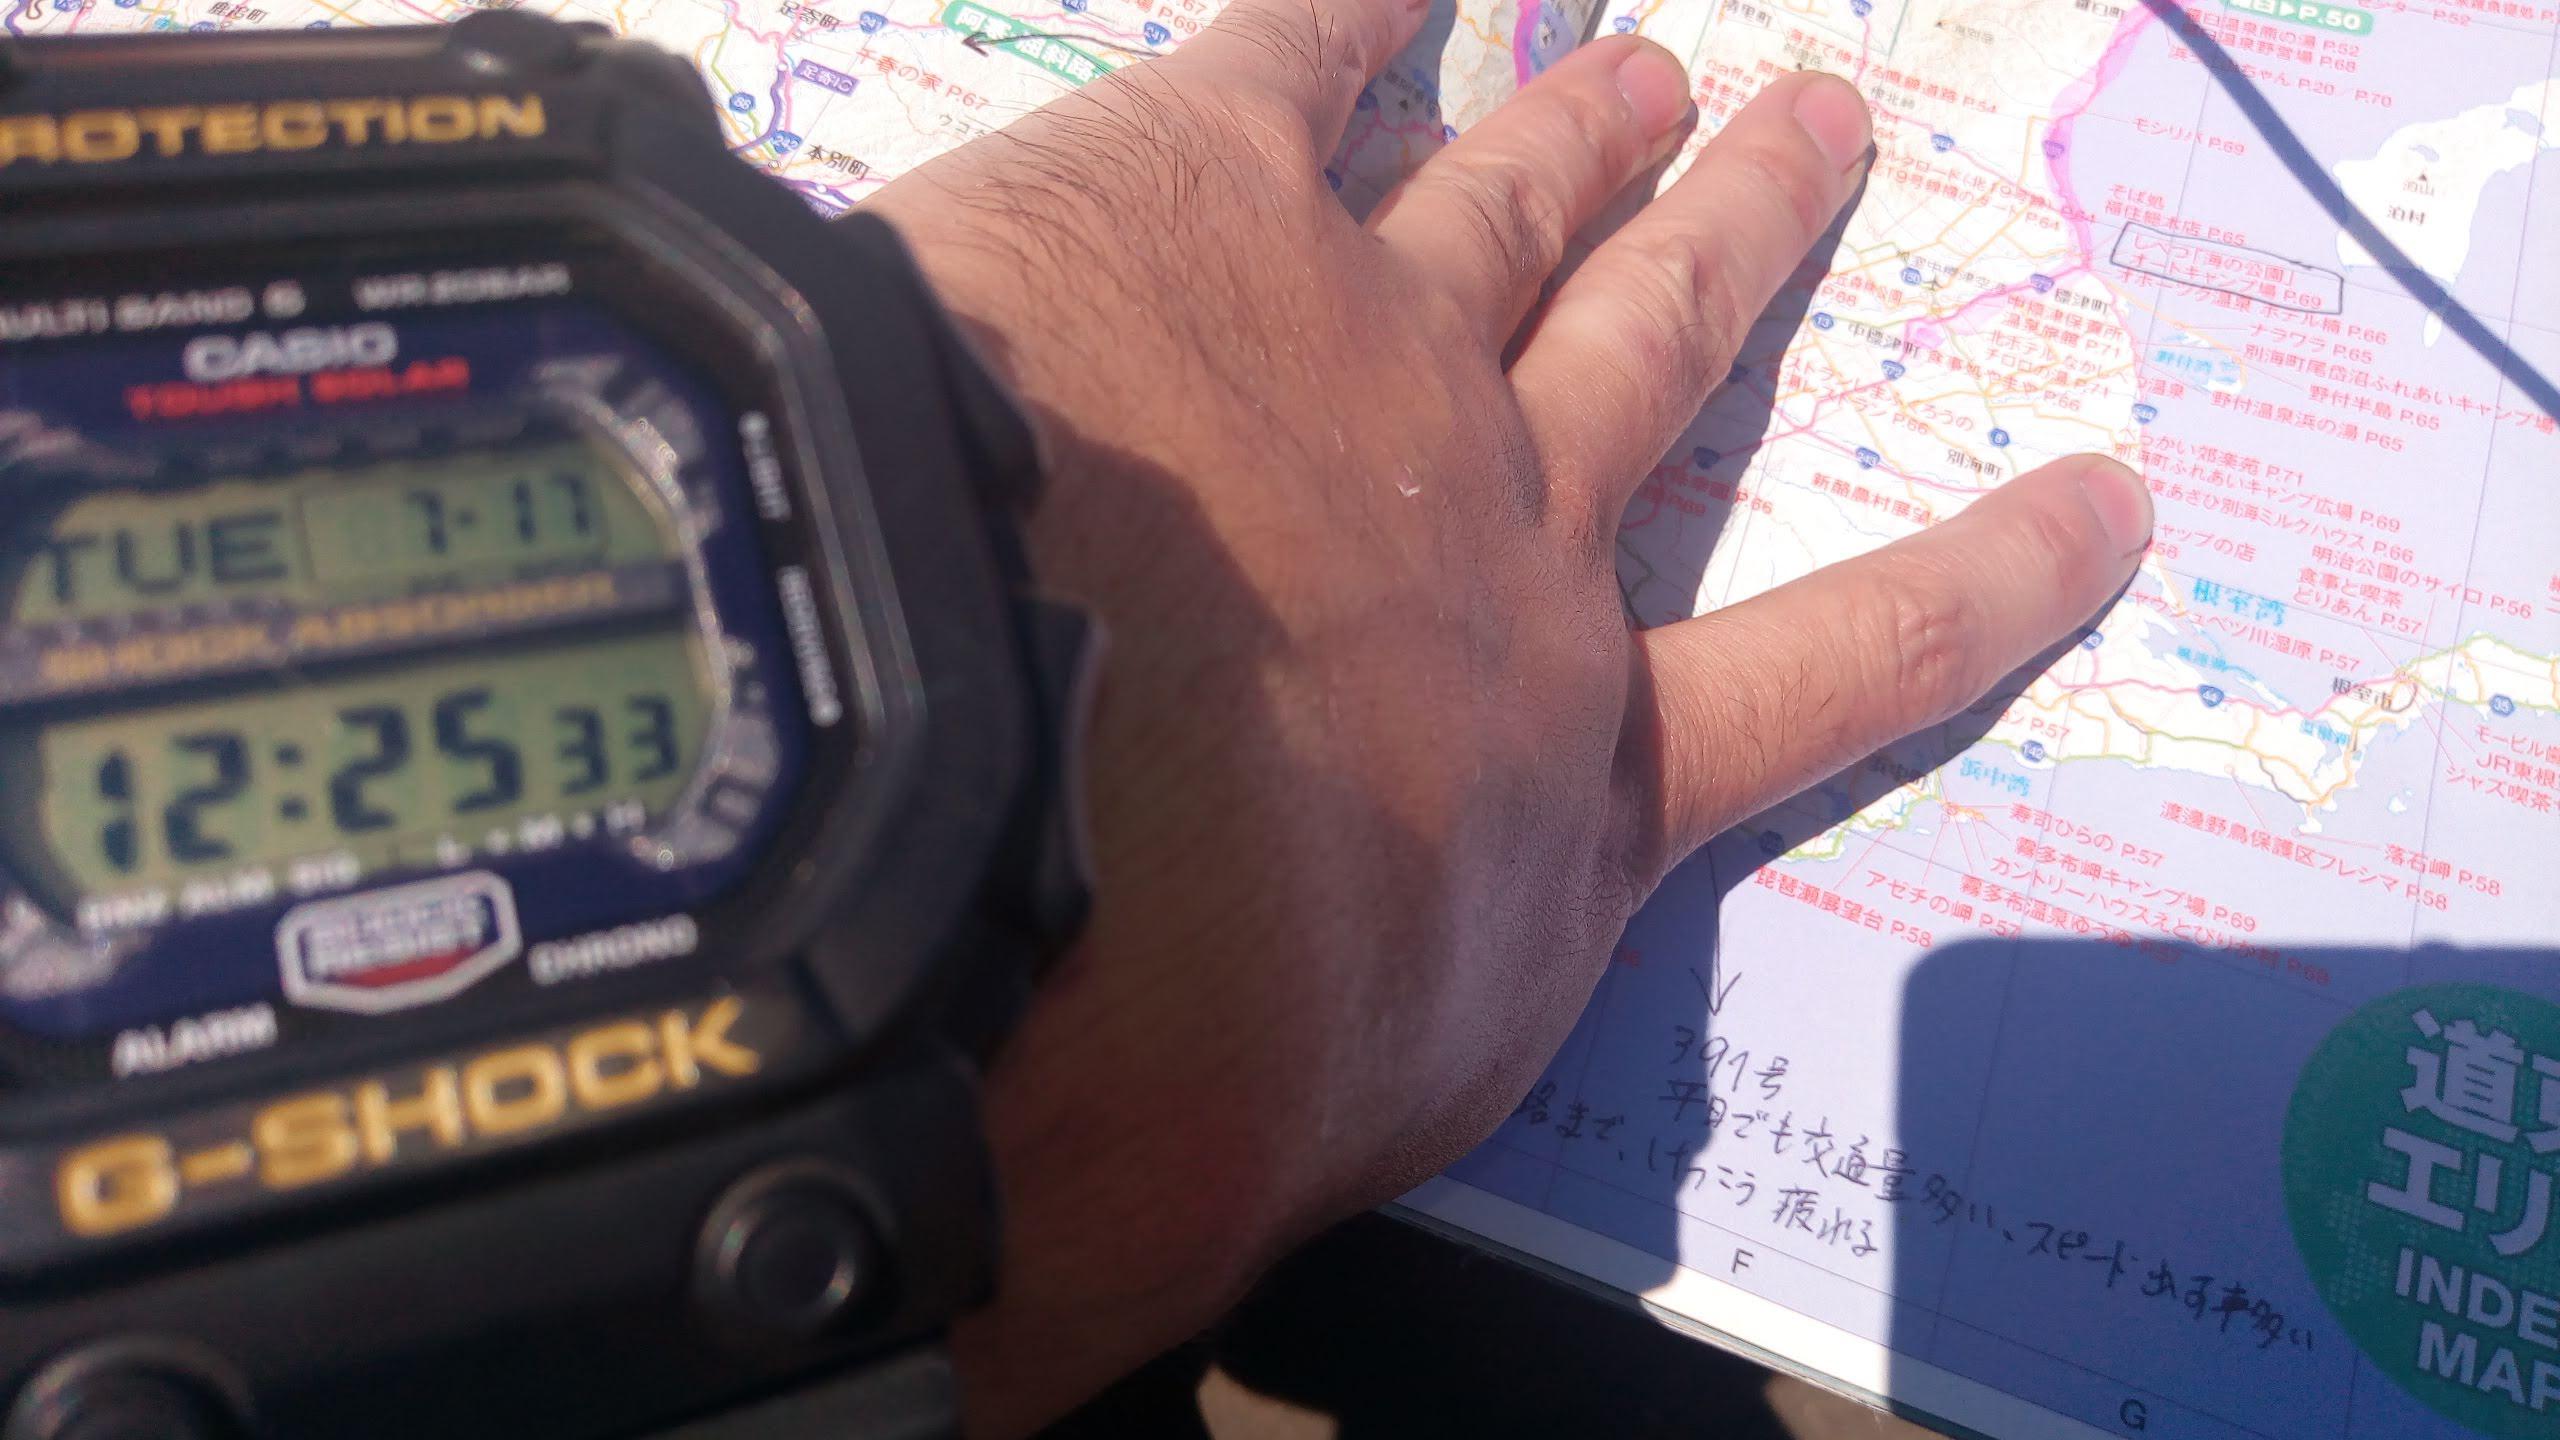 G-SHOCKは、カシオが世界に誇れる日本メーカーの時計である